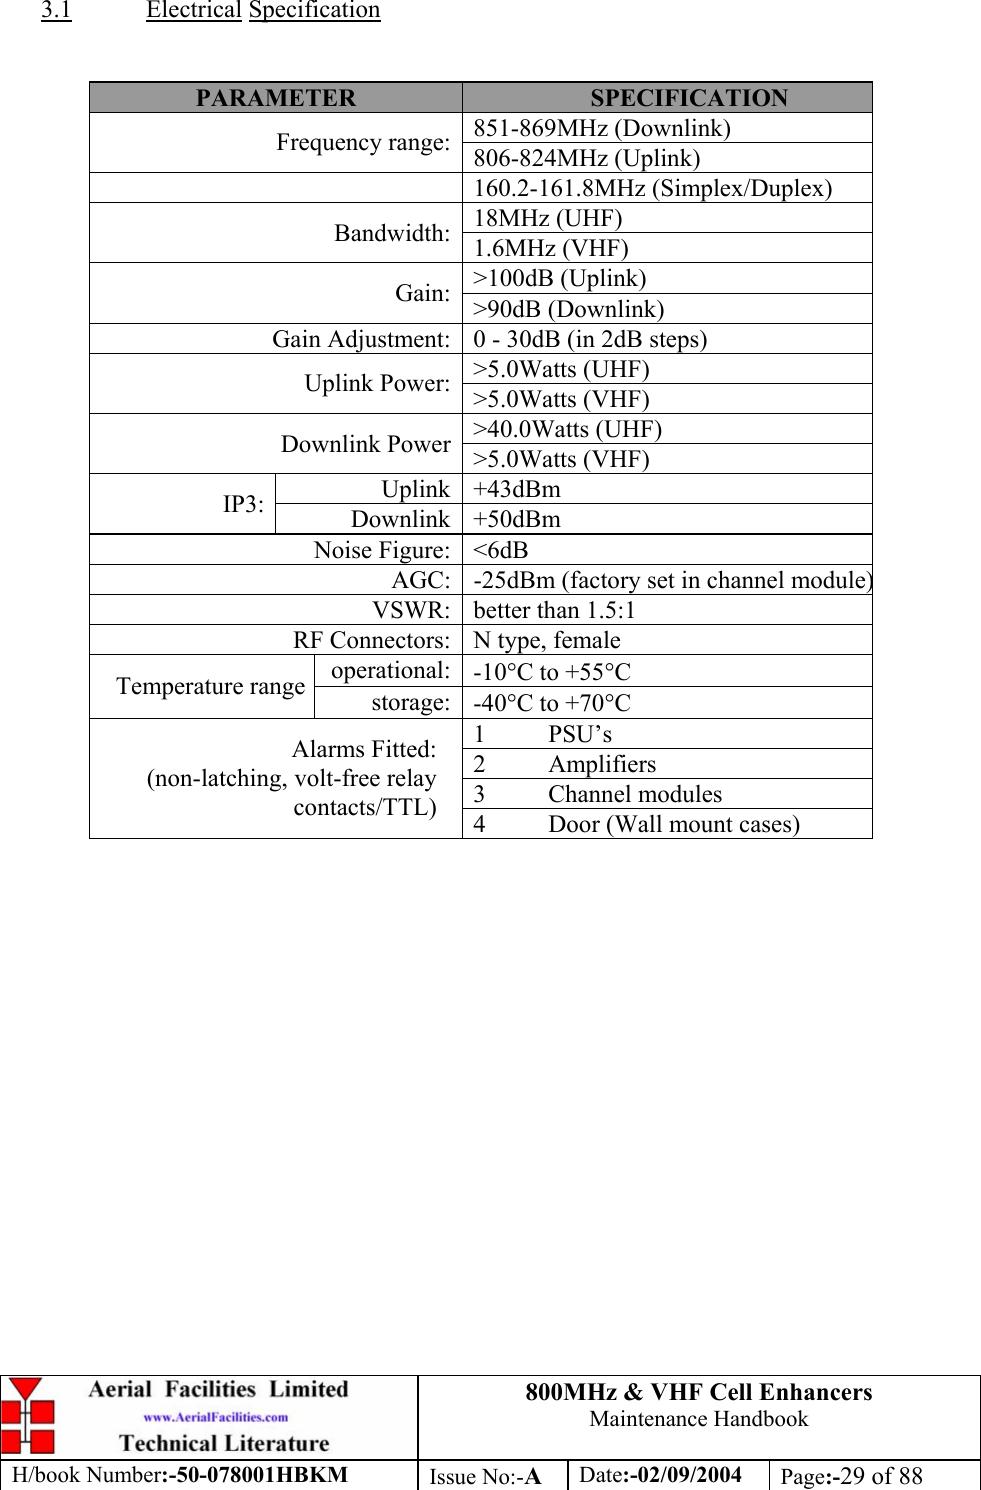 Axell Wireless 50-0780-BDA Cell Enhancer User Manual